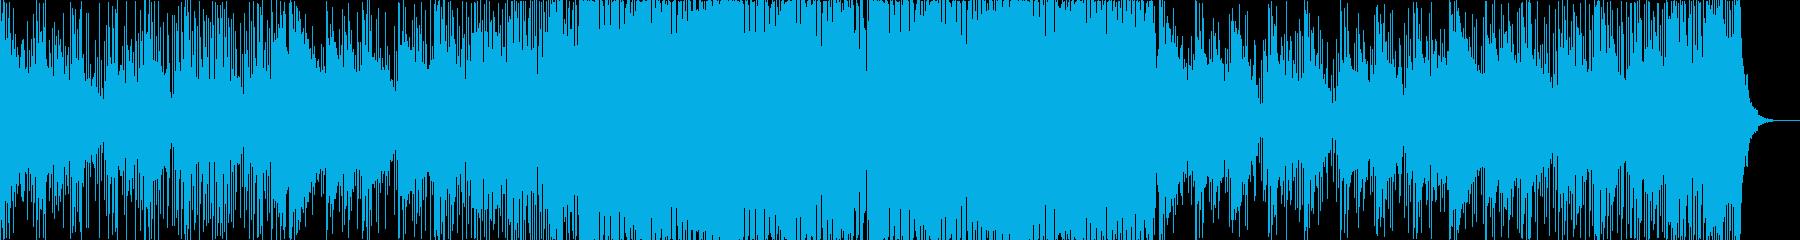 ギターが目立つジャングル/ドラムンベースの再生済みの波形